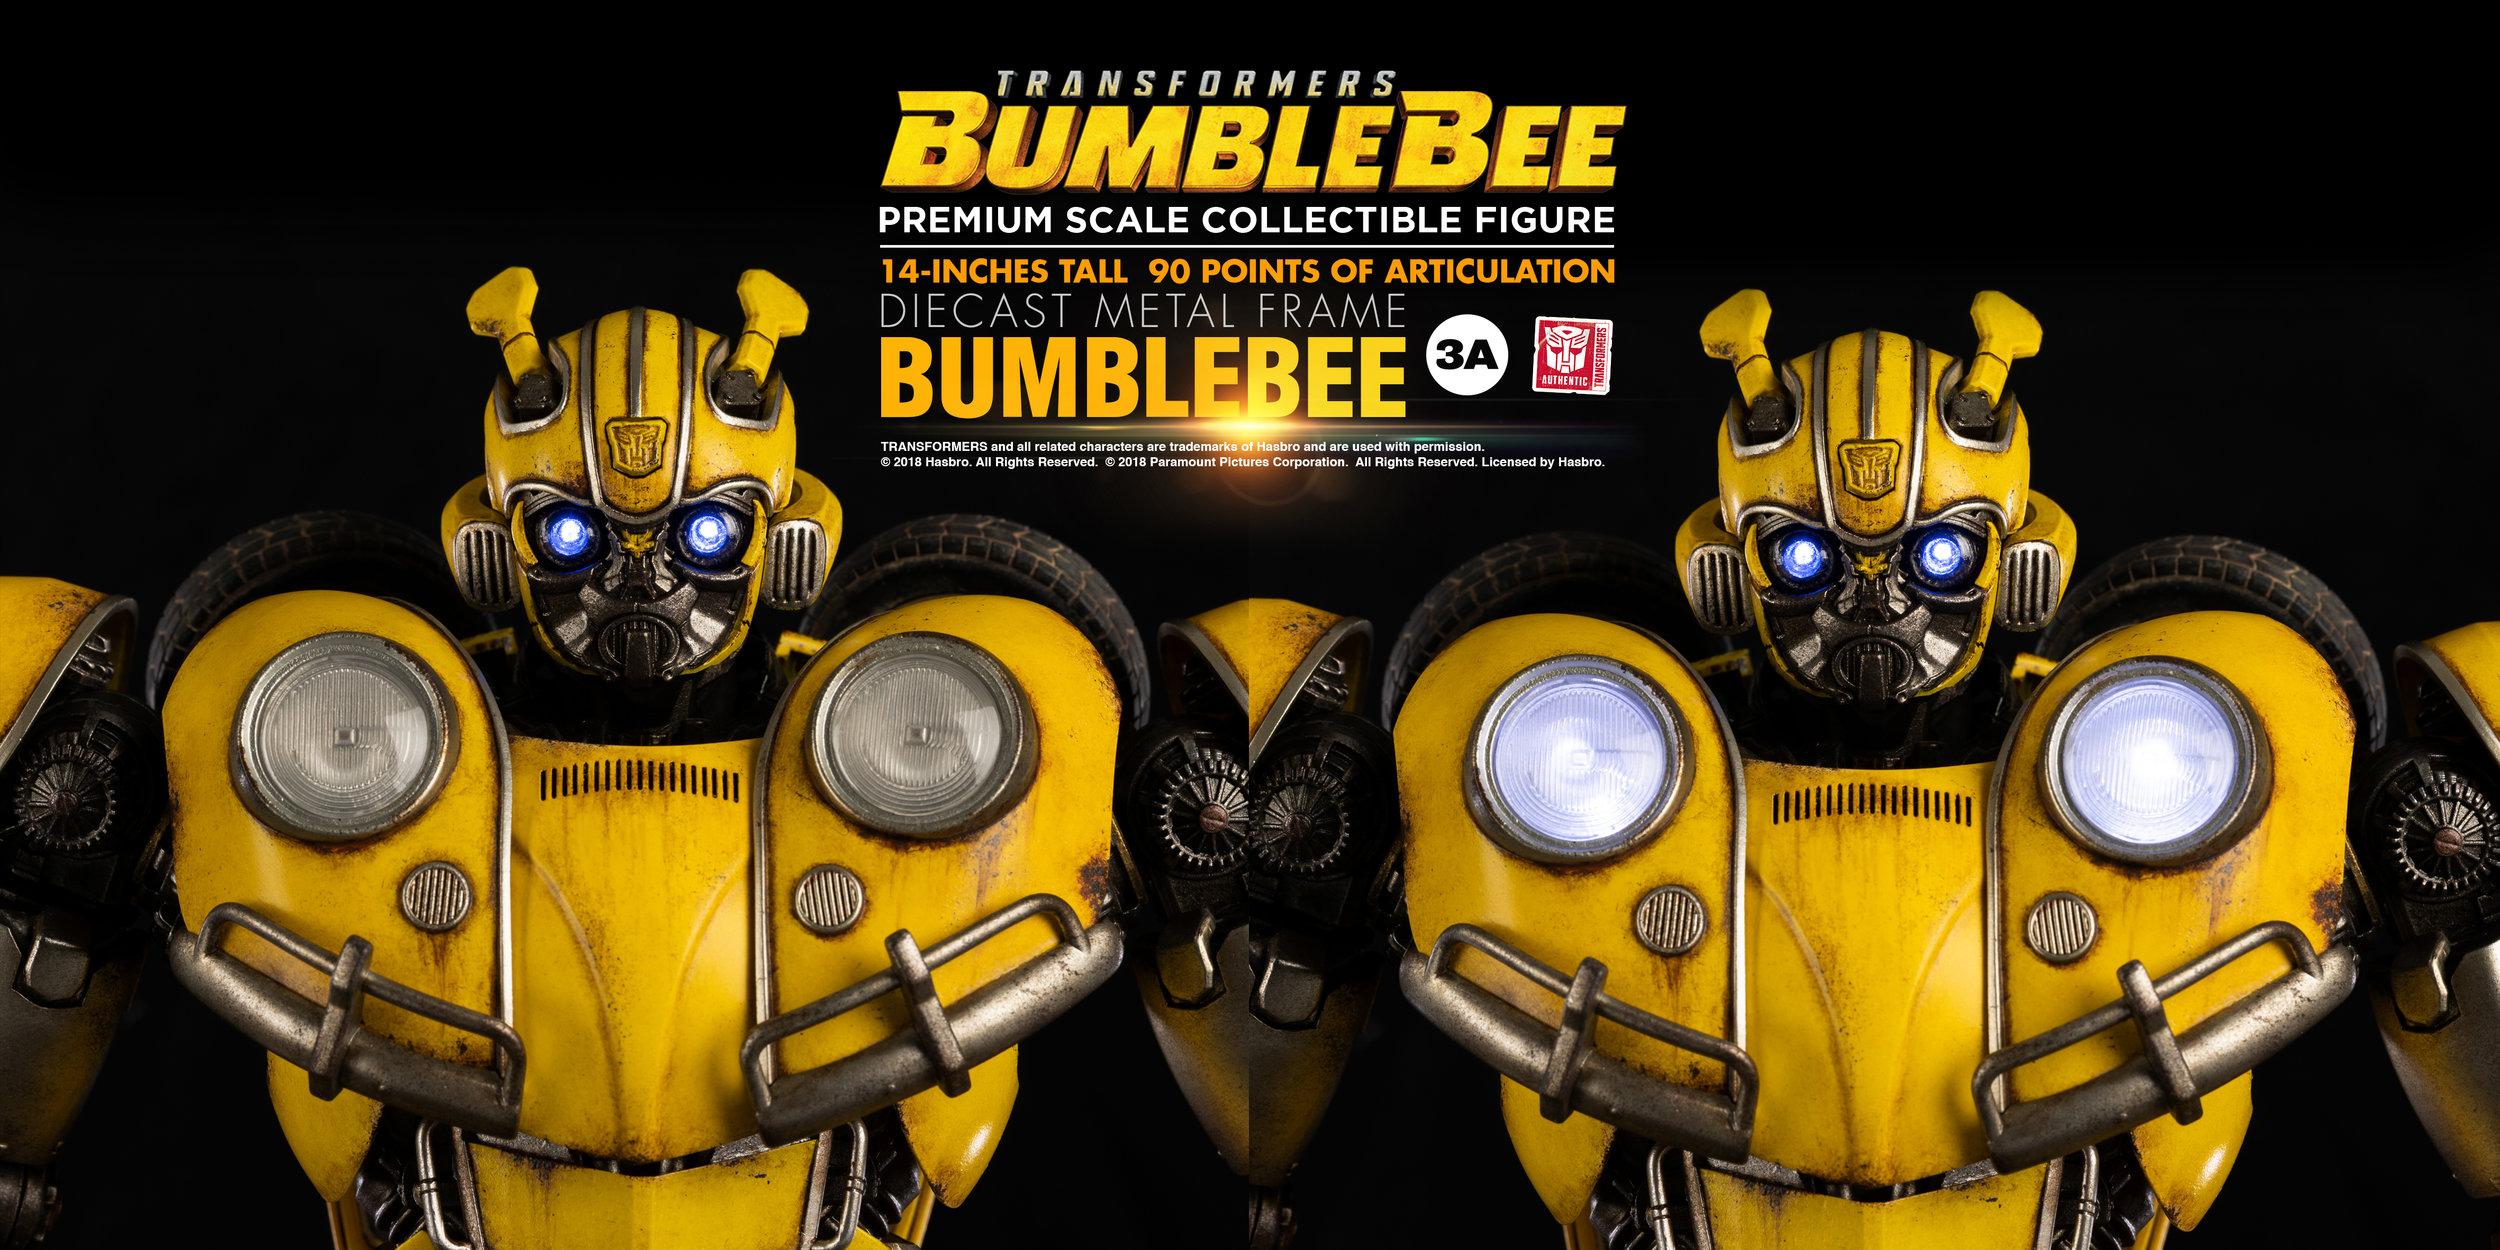 Bumblebee_ENG_PM_chest-light.jpg